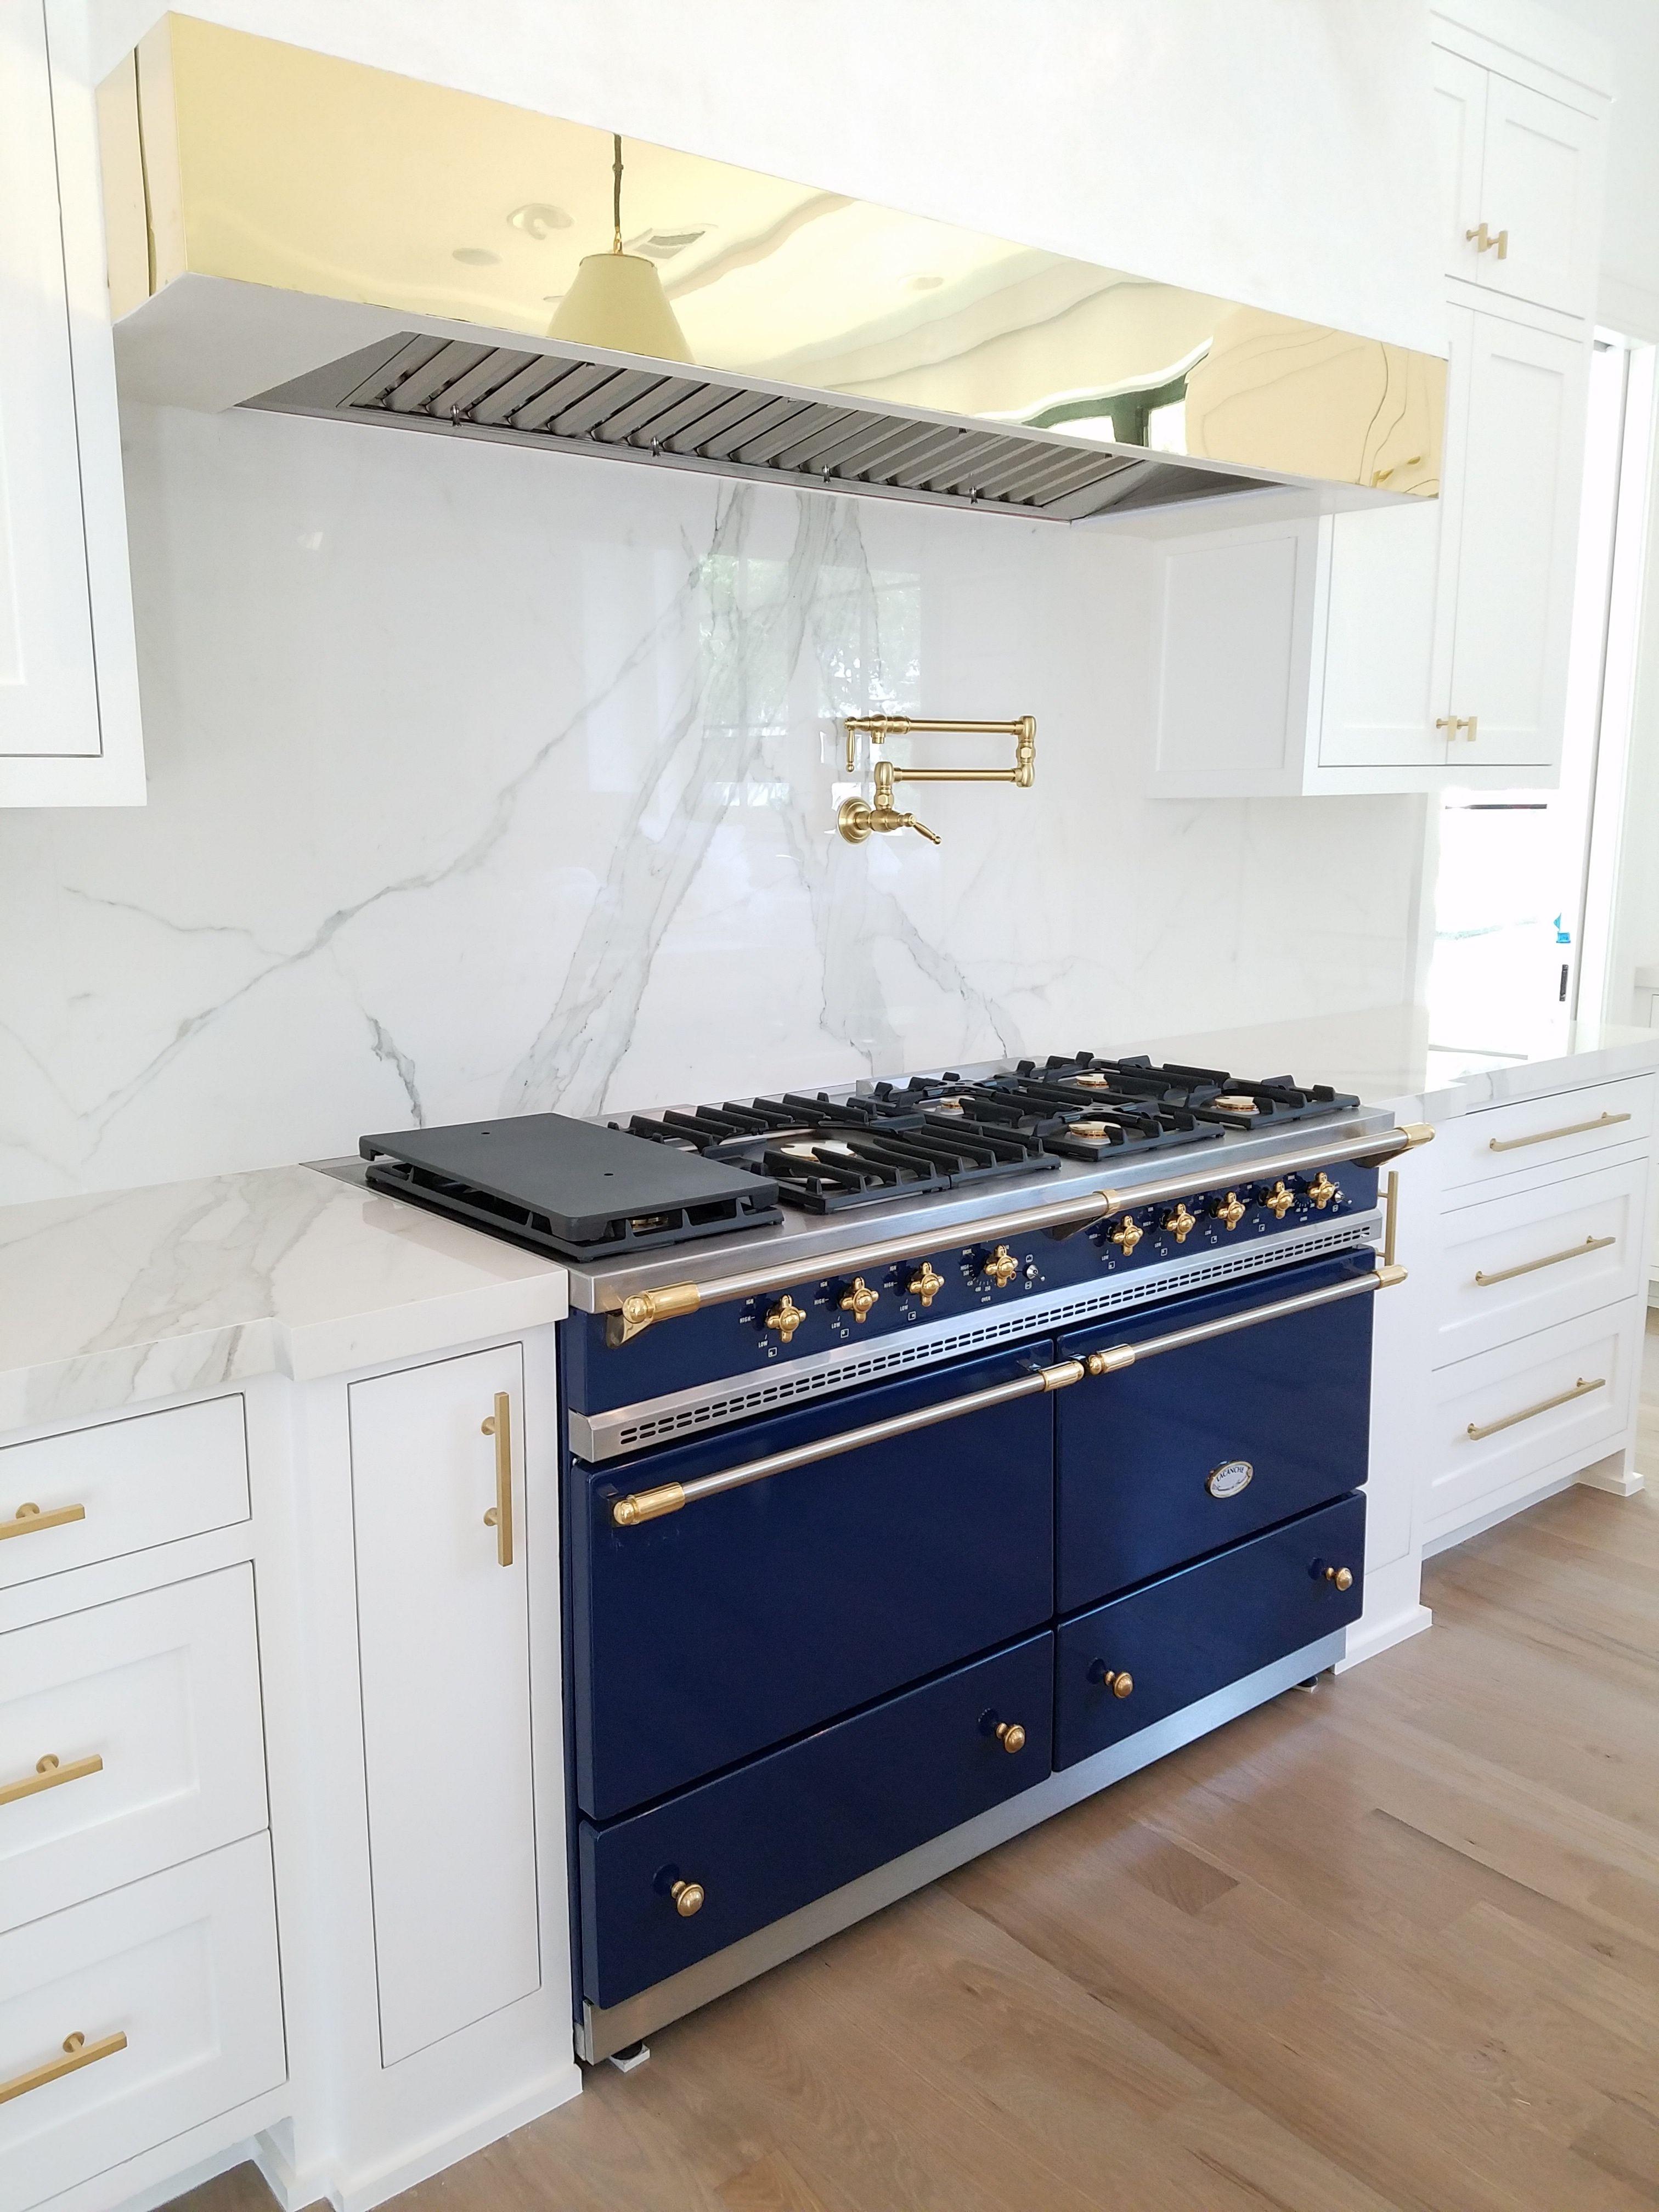 St Charles Kitchens   Pinterest   Kitchen design, Saints and Kitchens